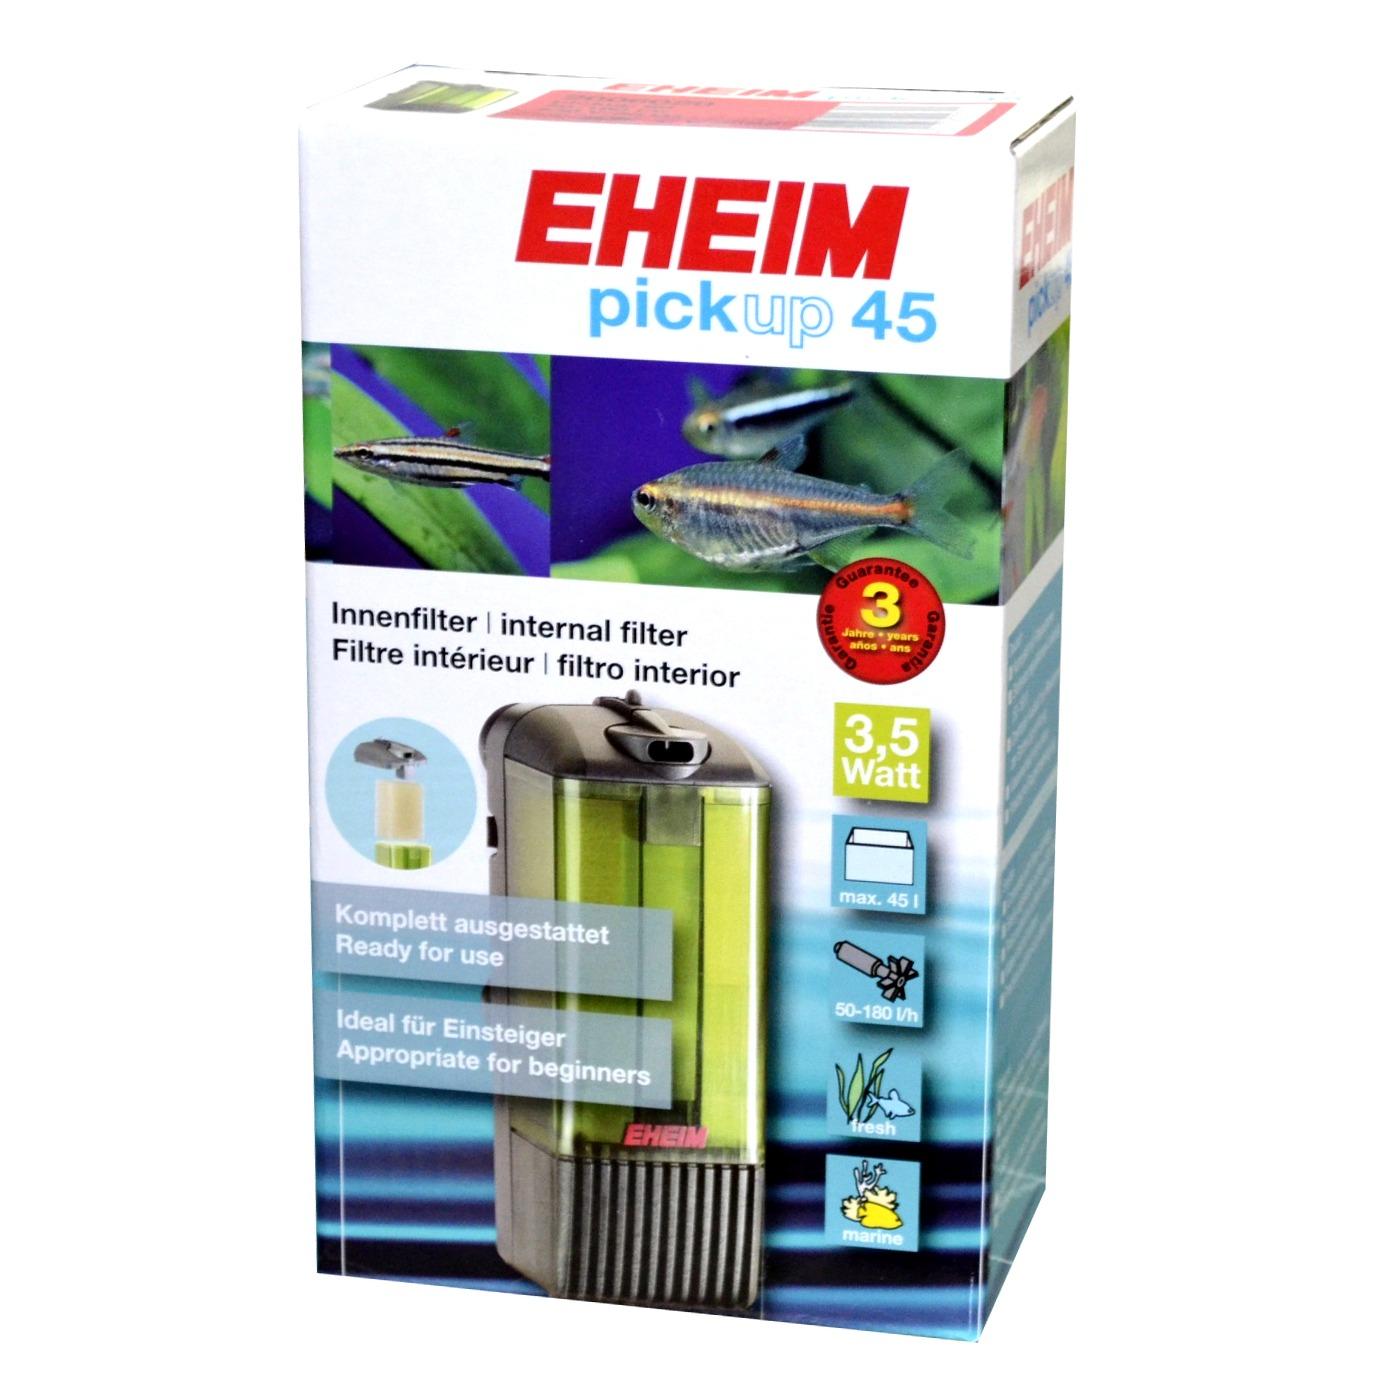 eheim-pick-up-45-filtre-interne-aquarium